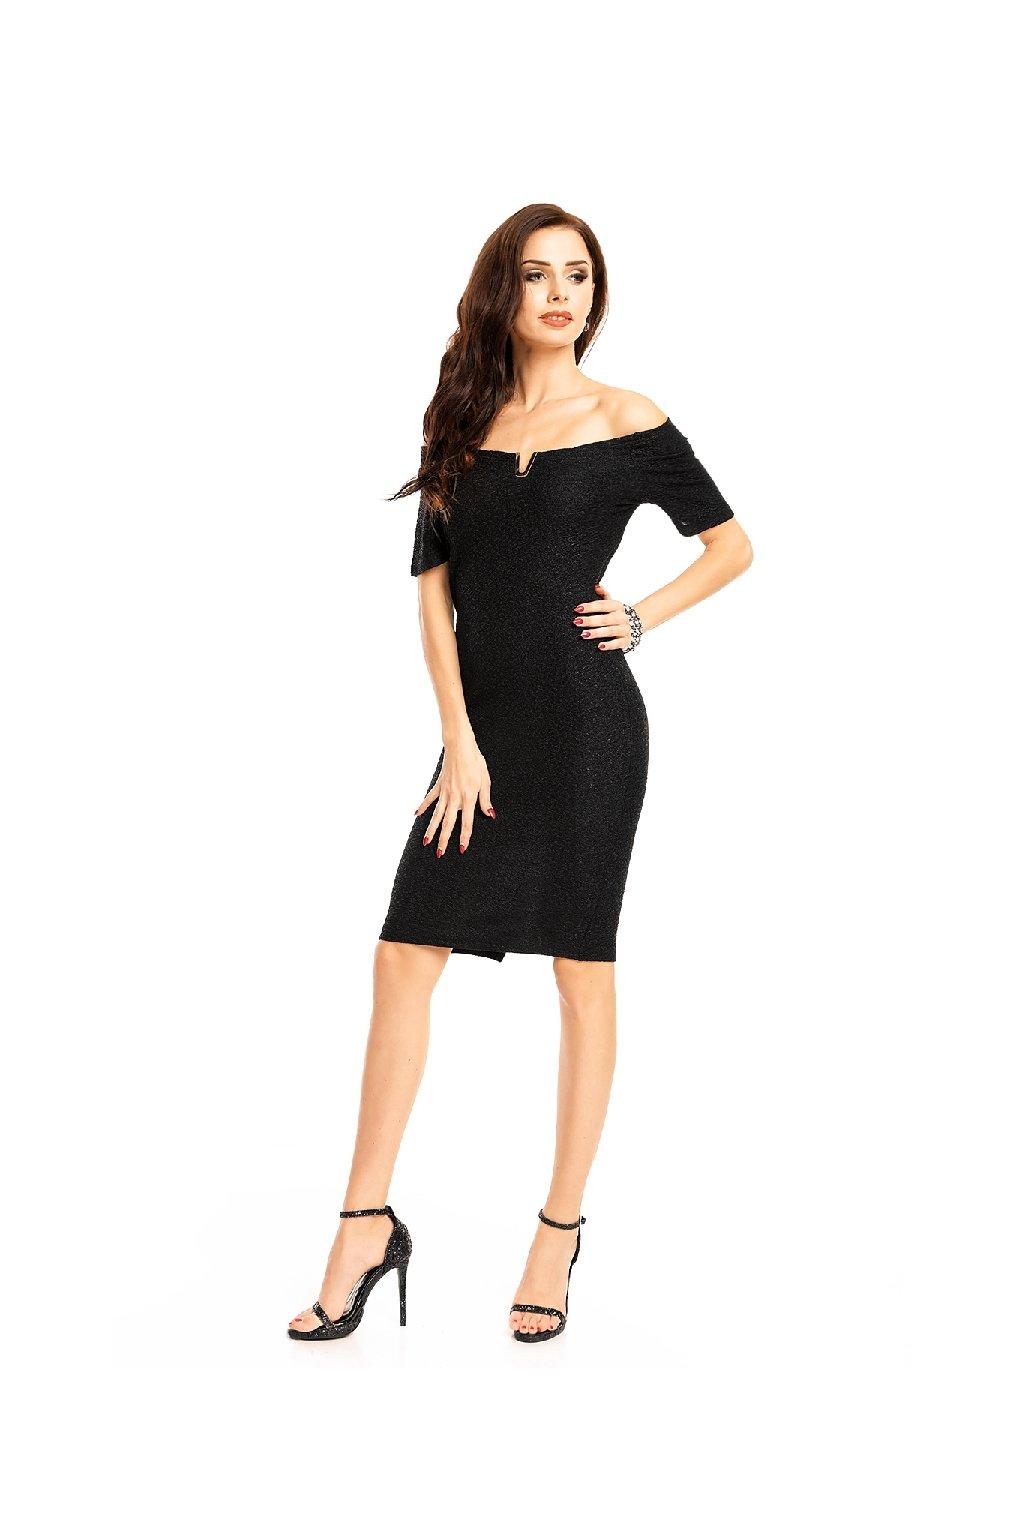 Elegantní černé šaty s širokým výstřihem zepředu